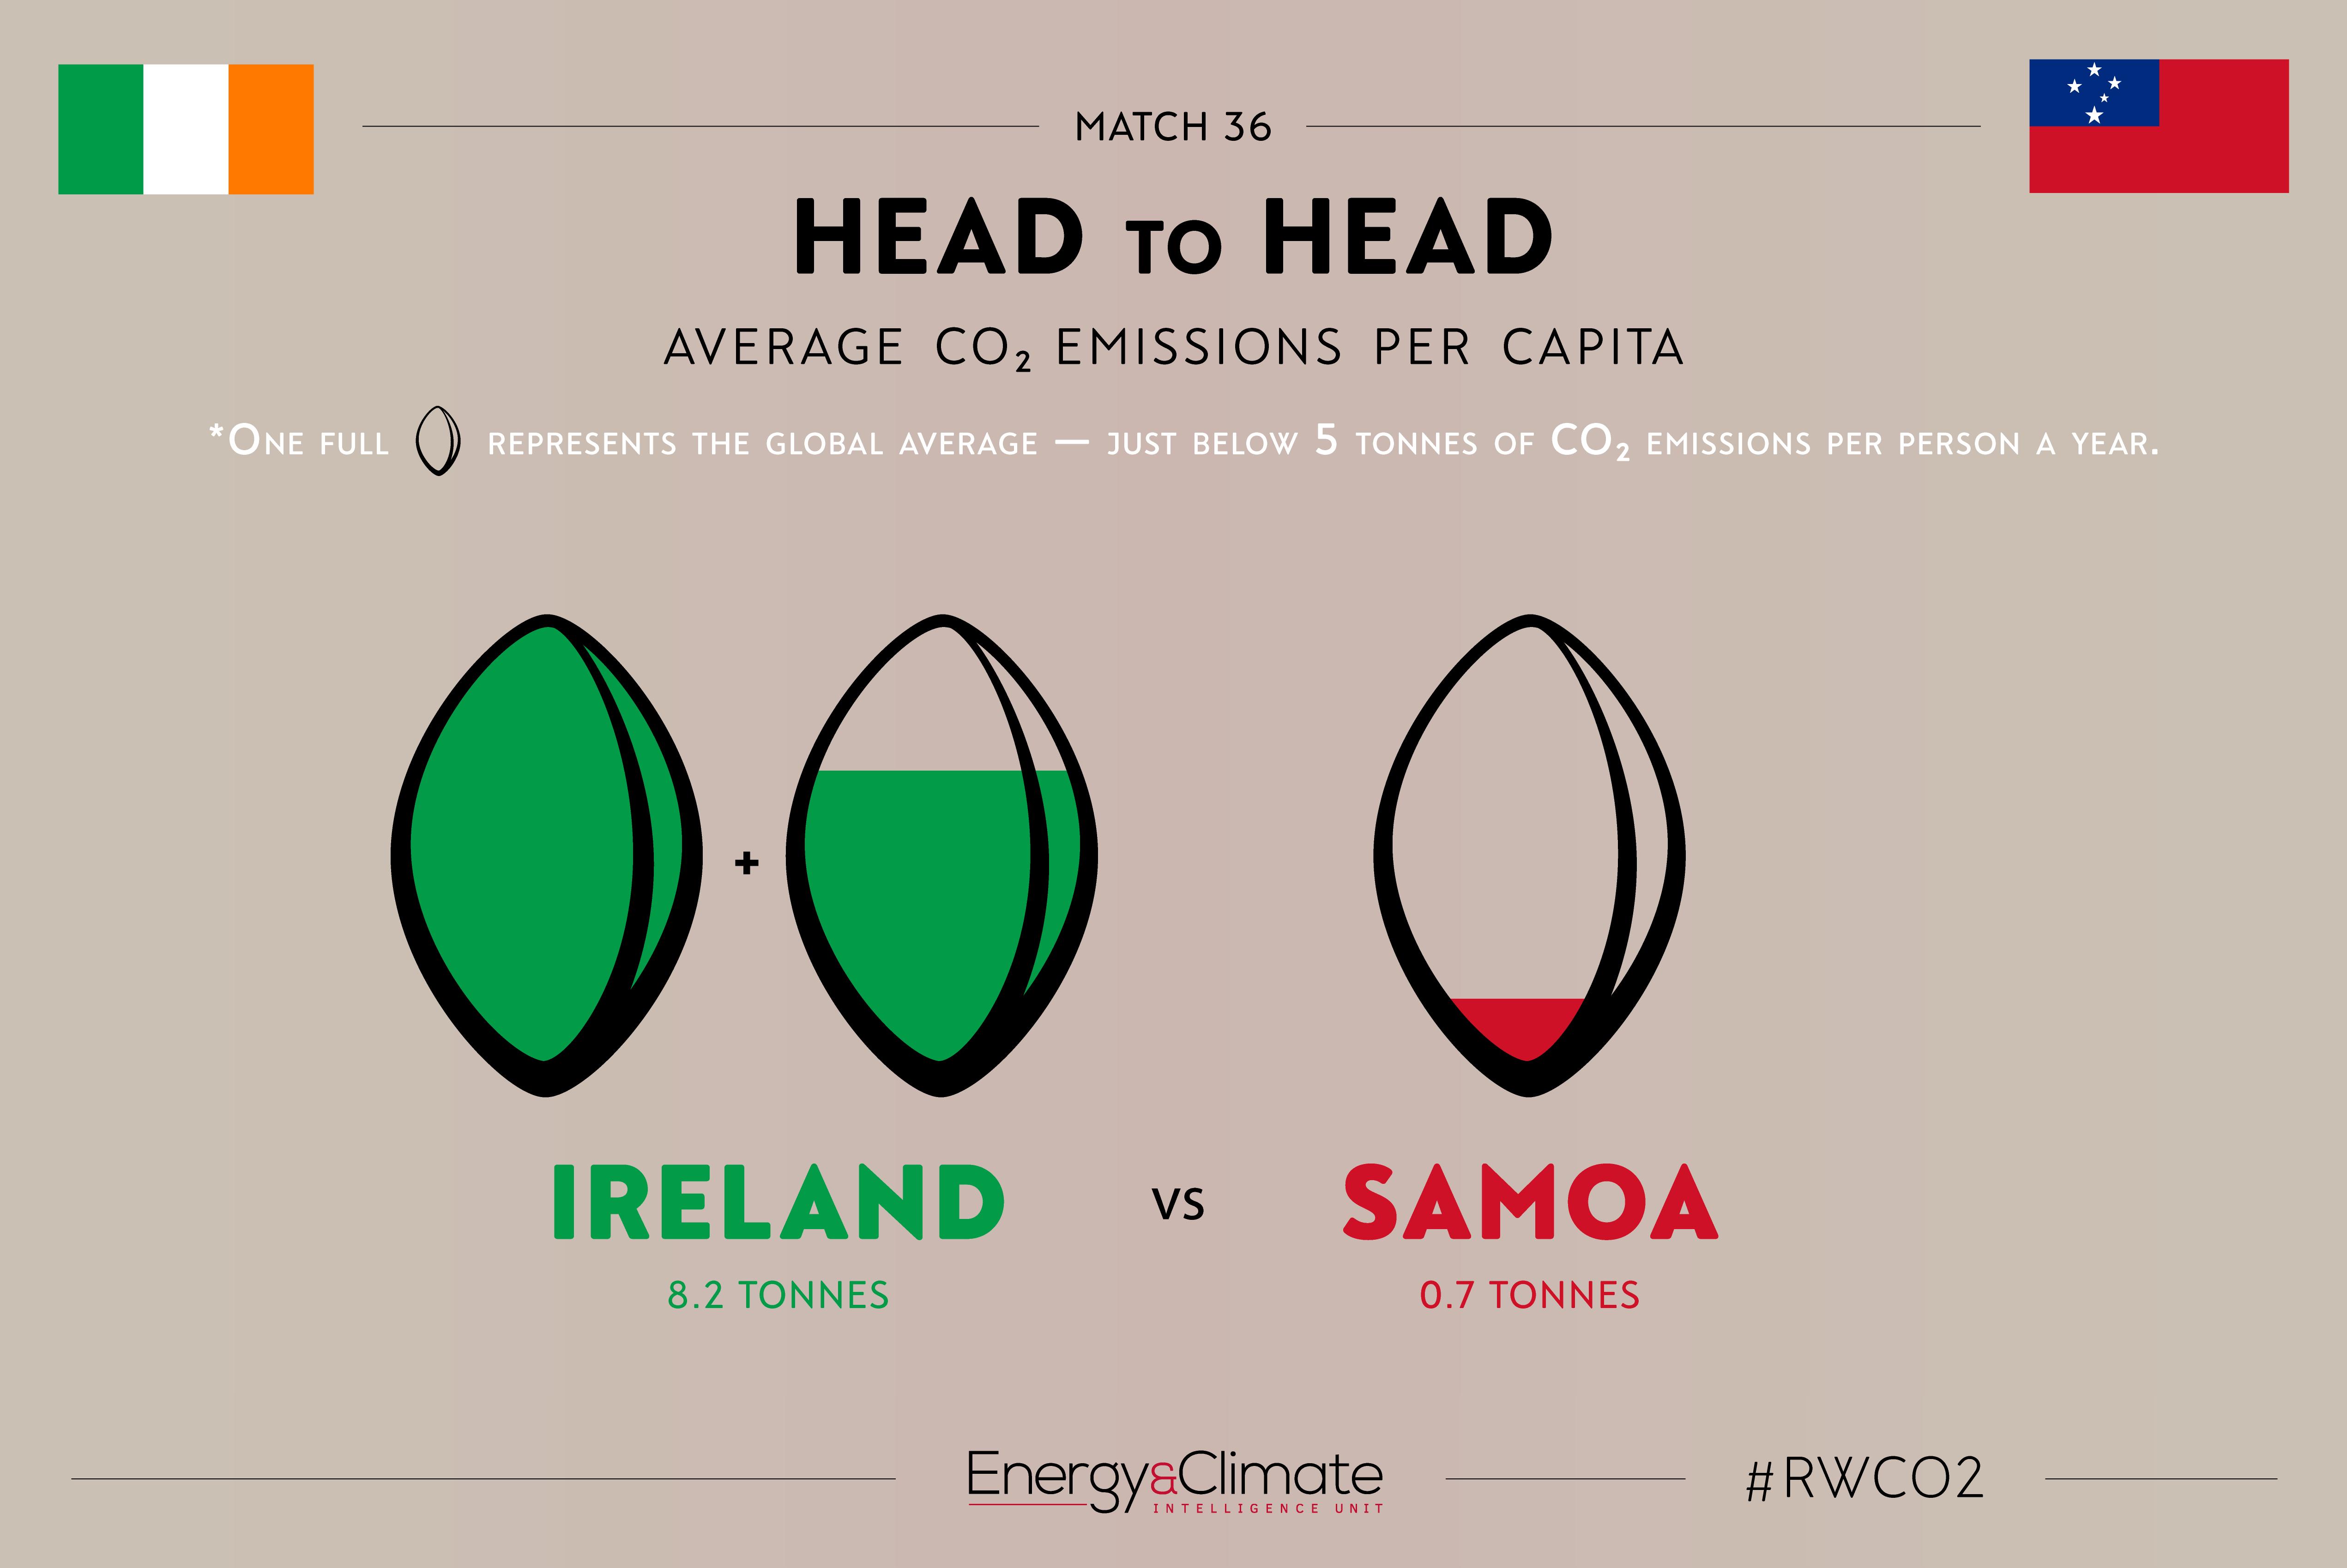 Ireland v Samoa - per capita emissions